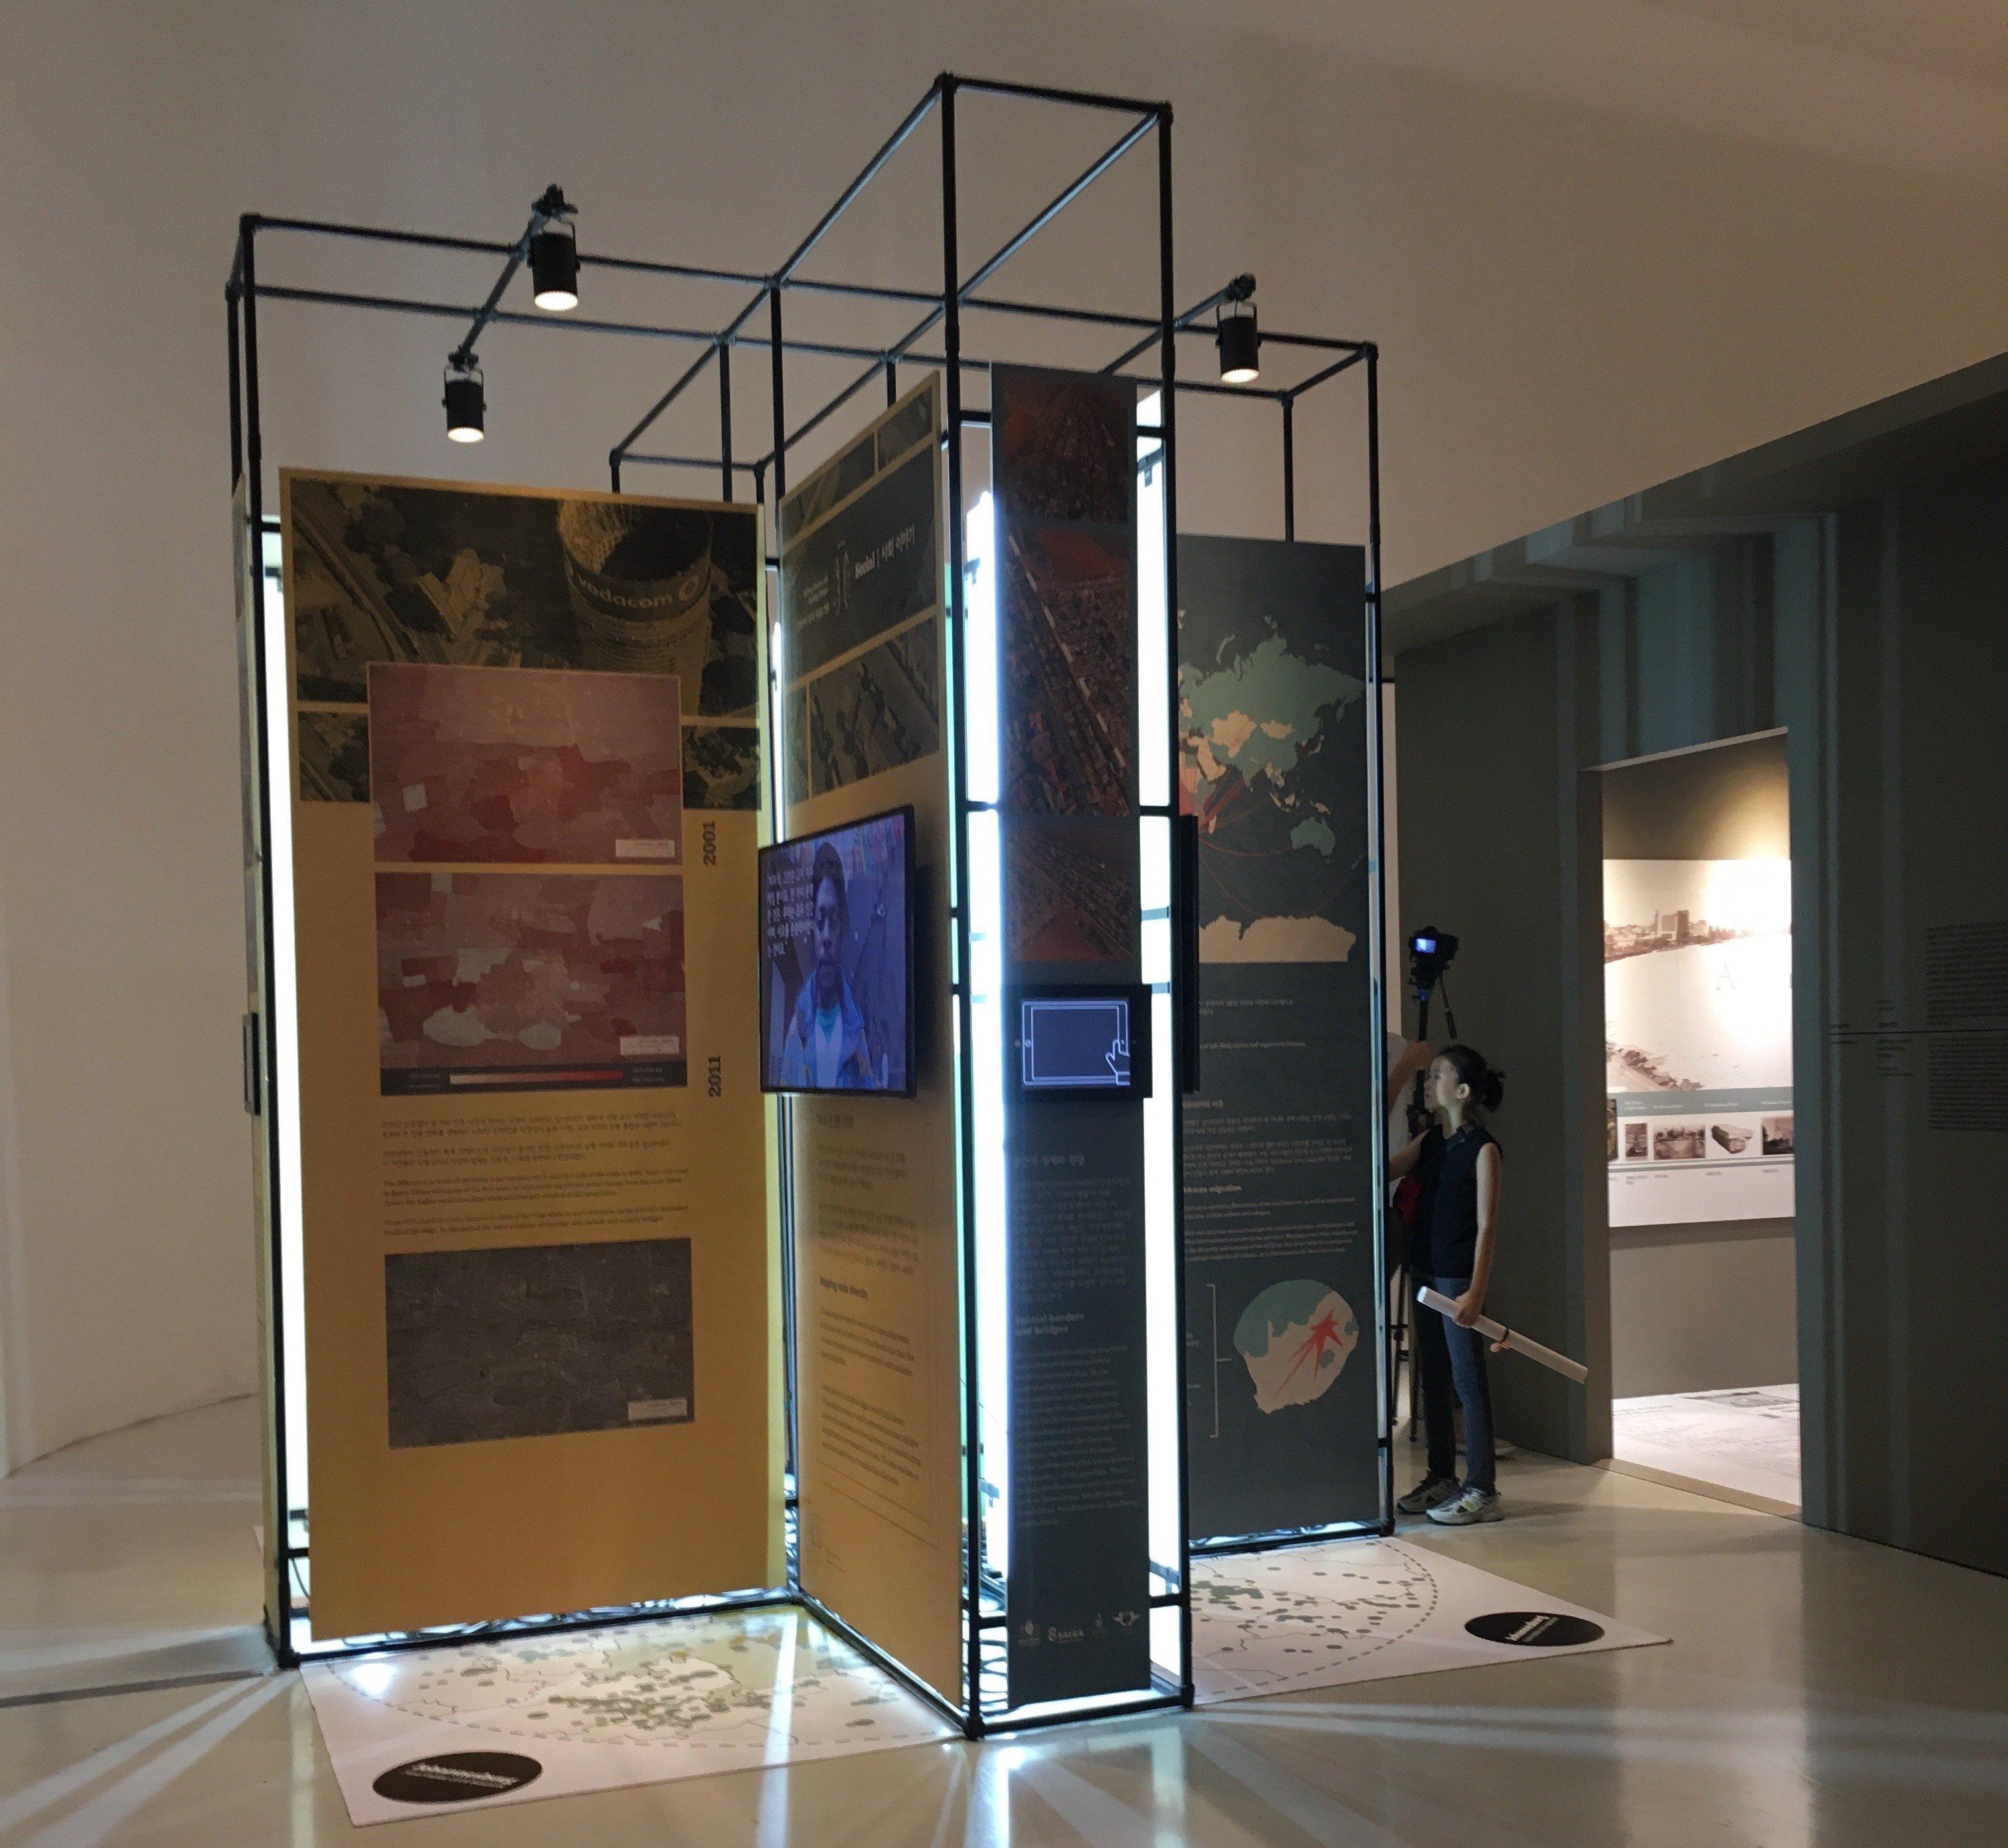 Seoul biennale web